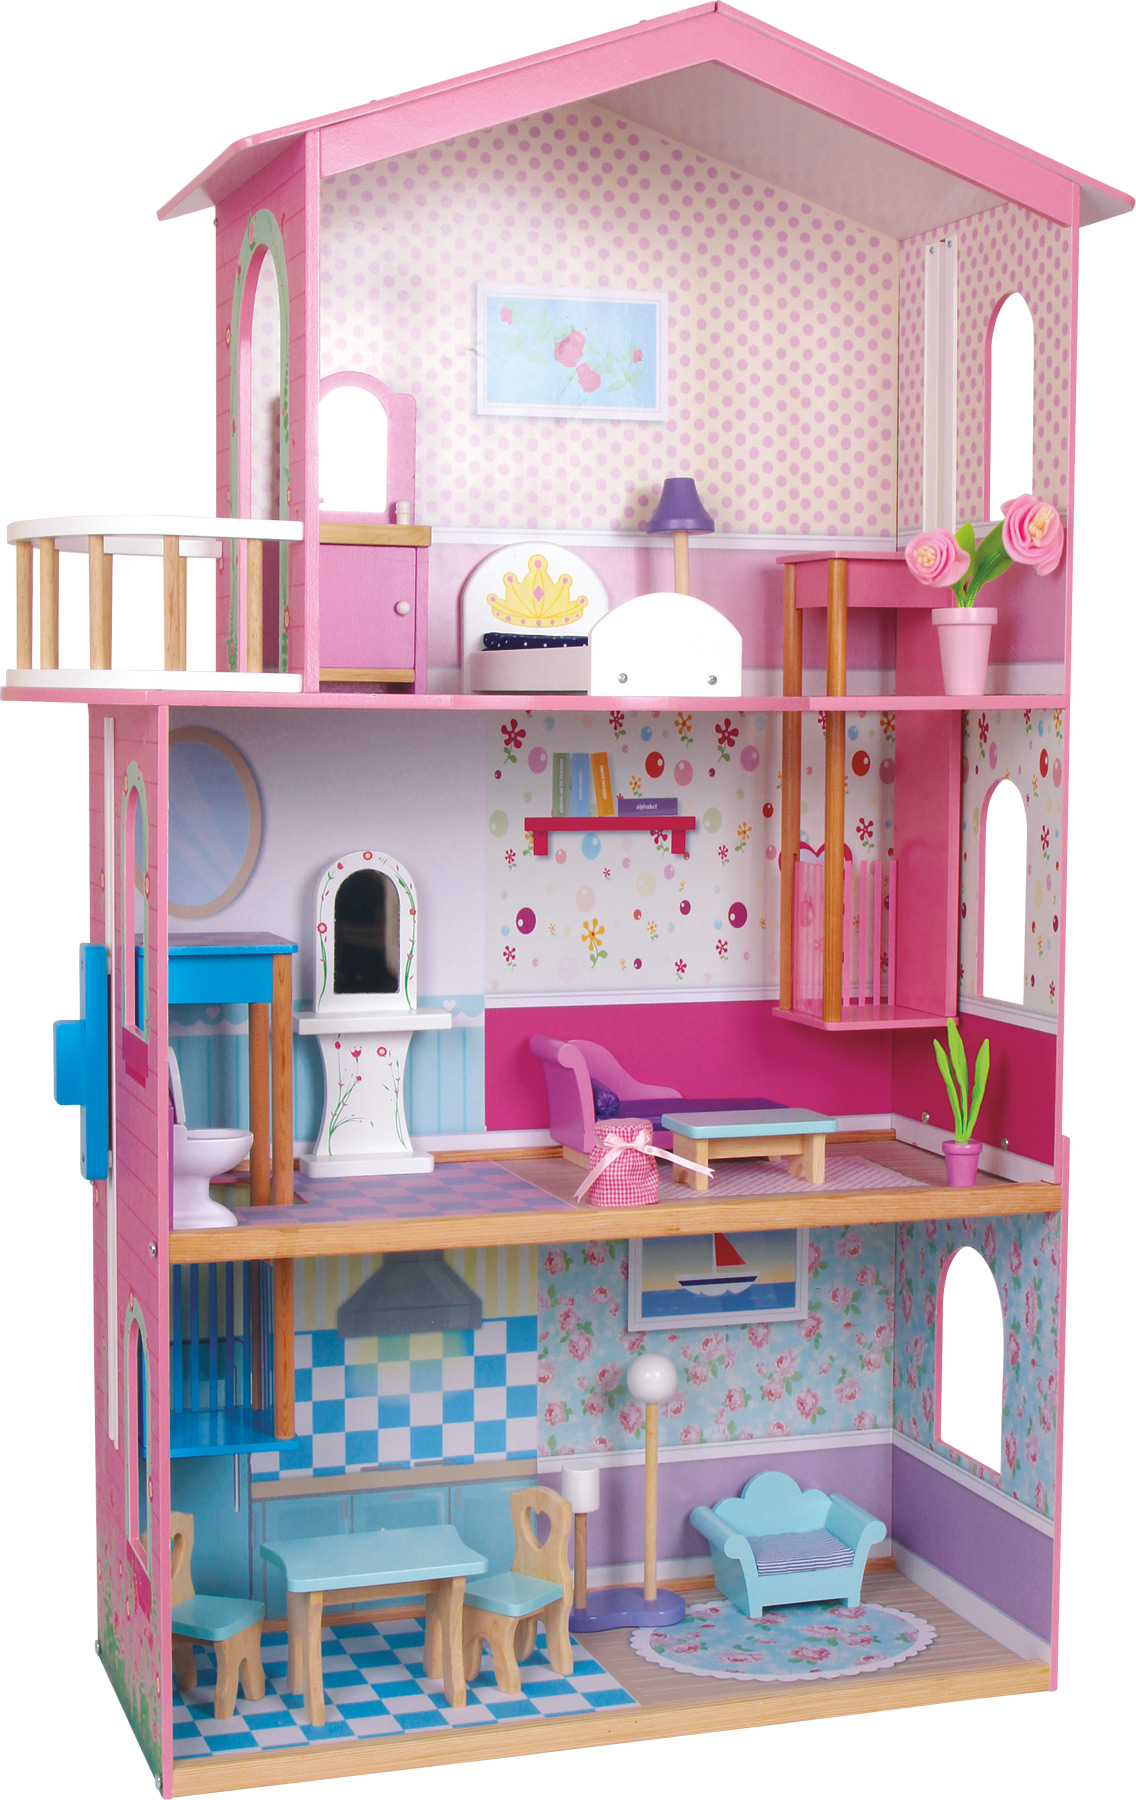 Legler docksk p doll s house sophia Sophia house